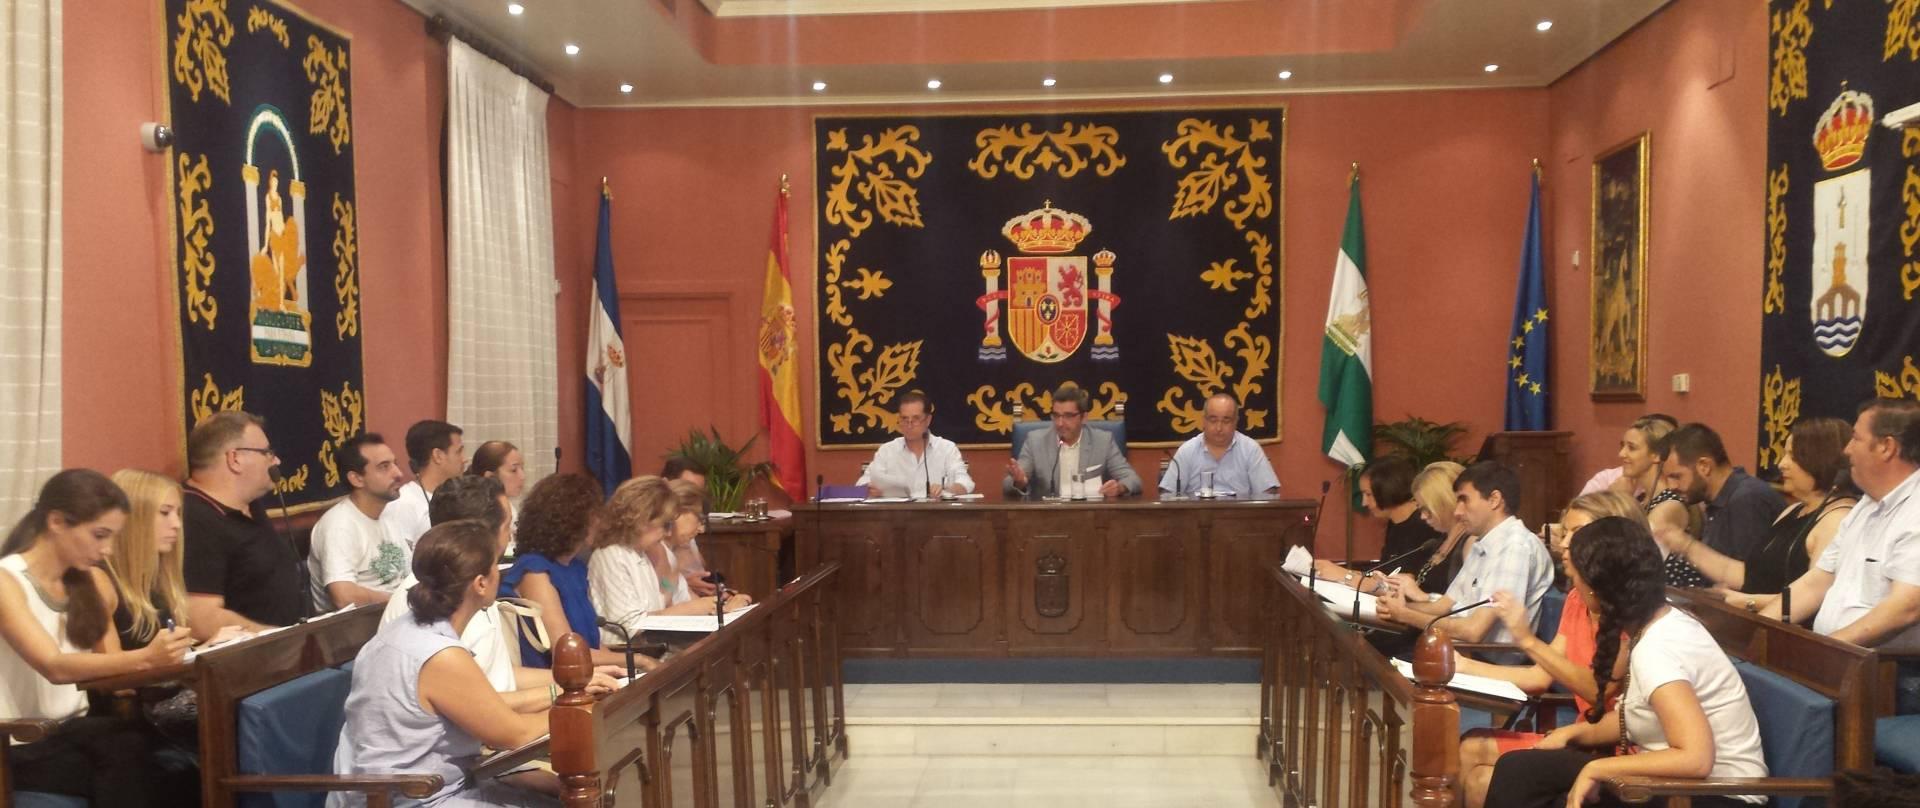 Ayuntamiento de Alcalá de Guadaira.